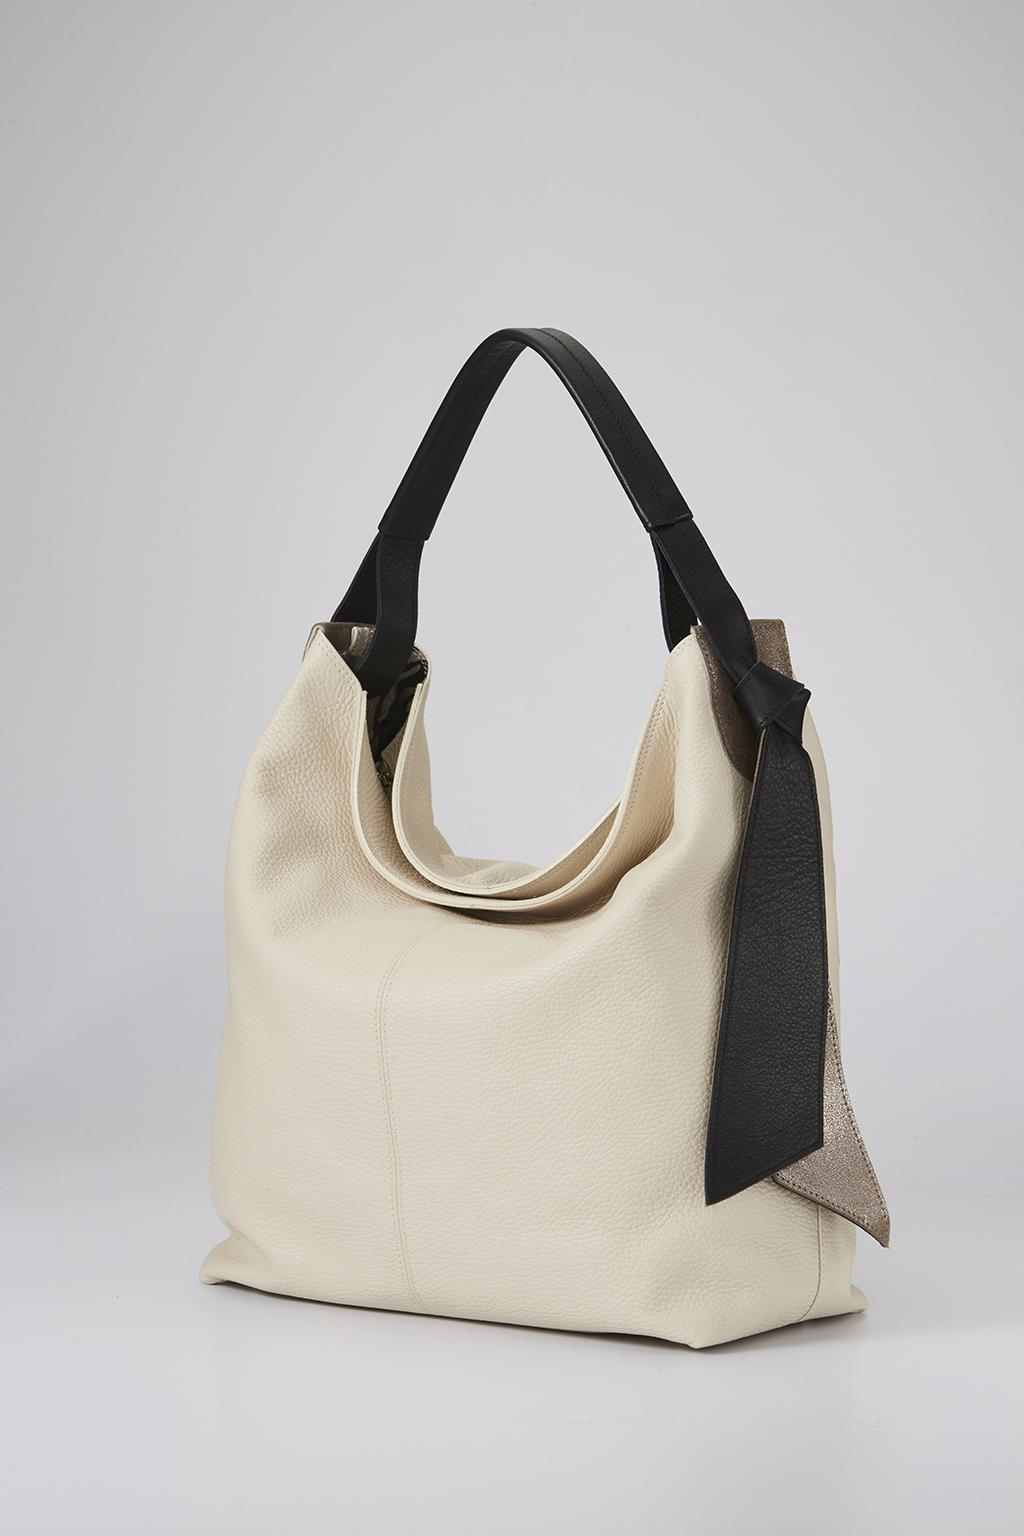 義大利女人風靡的柔軟皮革 borsalini 純色魅力HOBO包